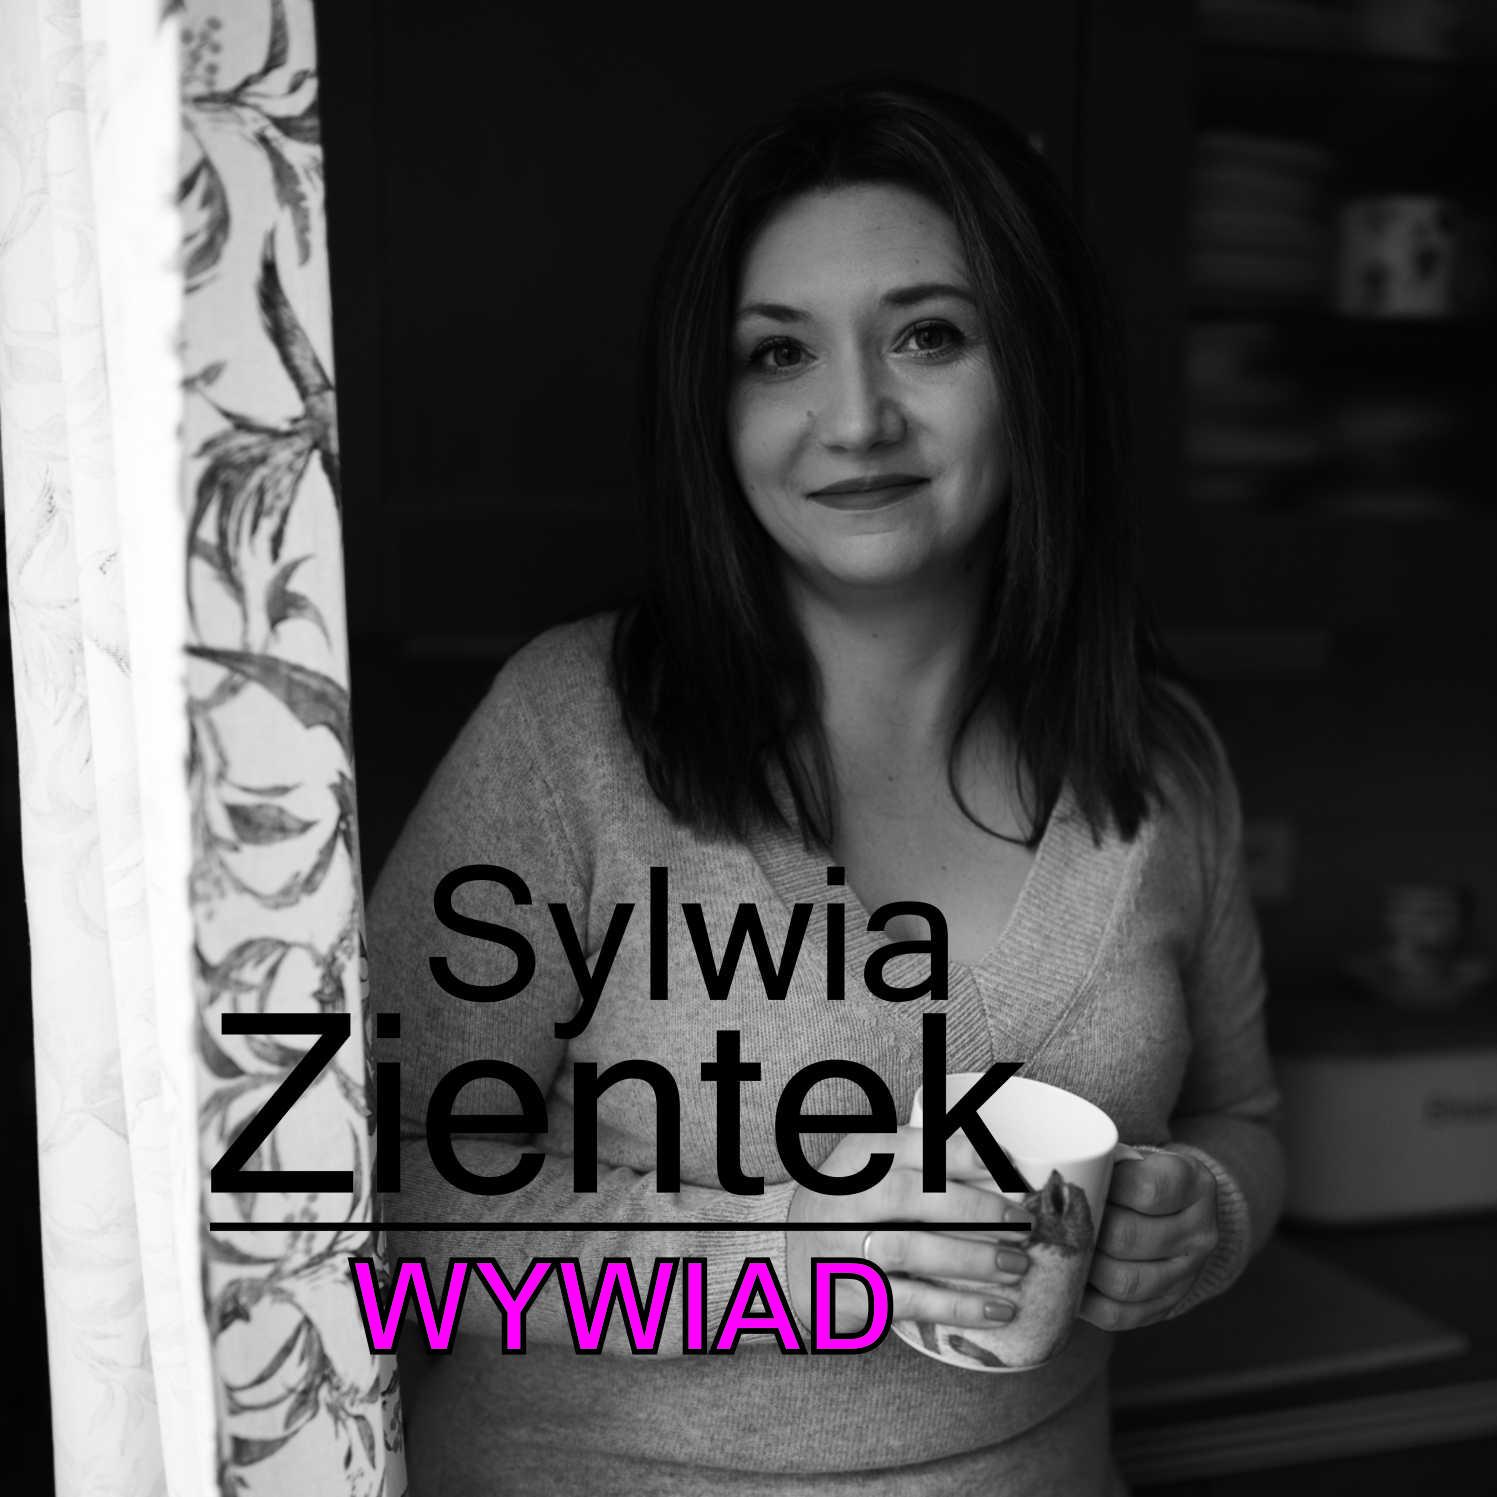 0000Sylwia Zientek wywiad